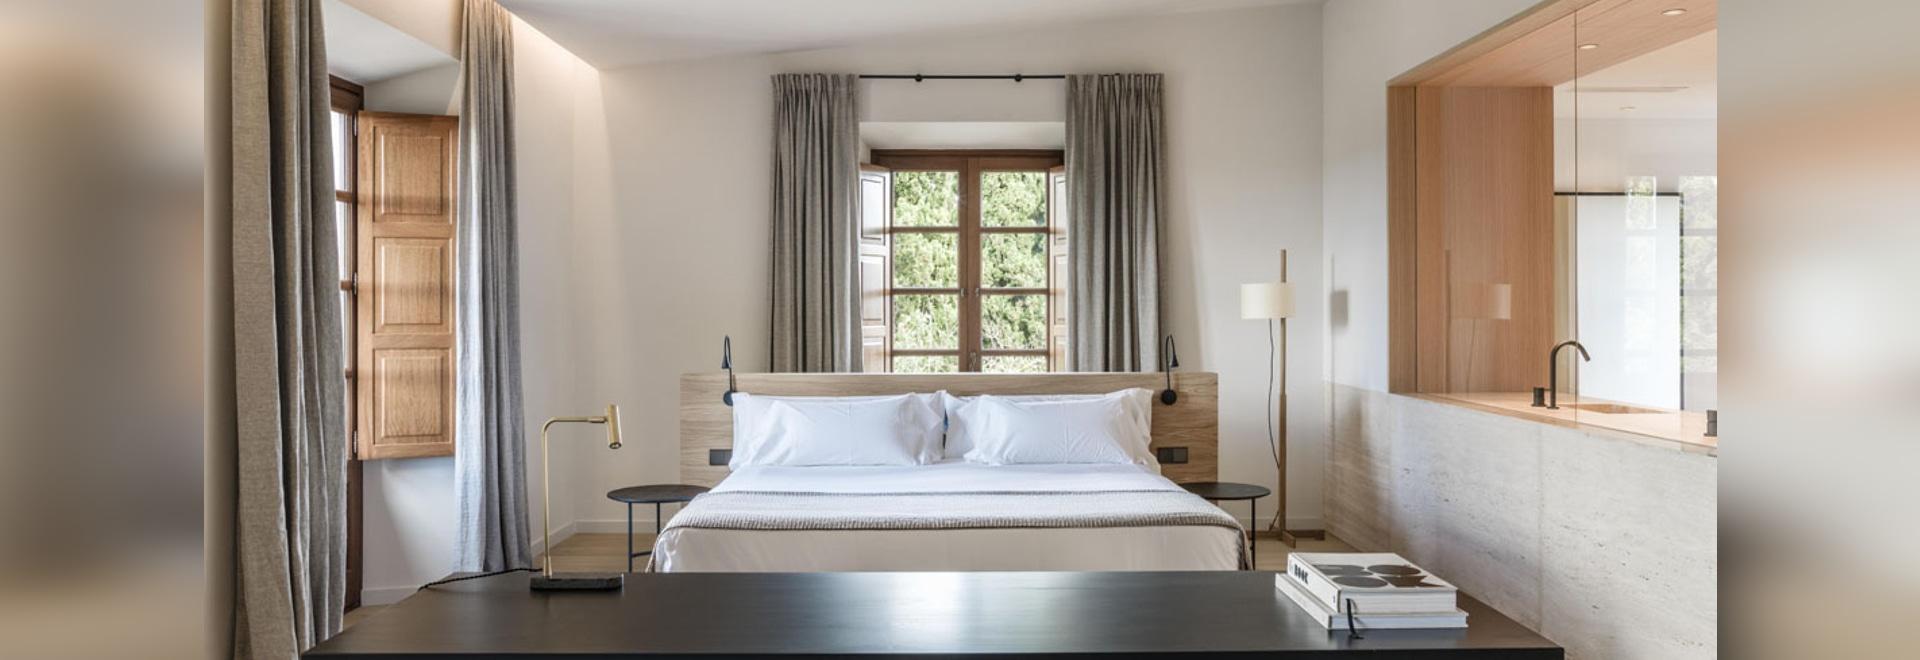 Der raffinierte Touch von Diametro35 Schwarz erneuert die Suiten des Son Julia Country House & Spa auf Mallorca, Spanien